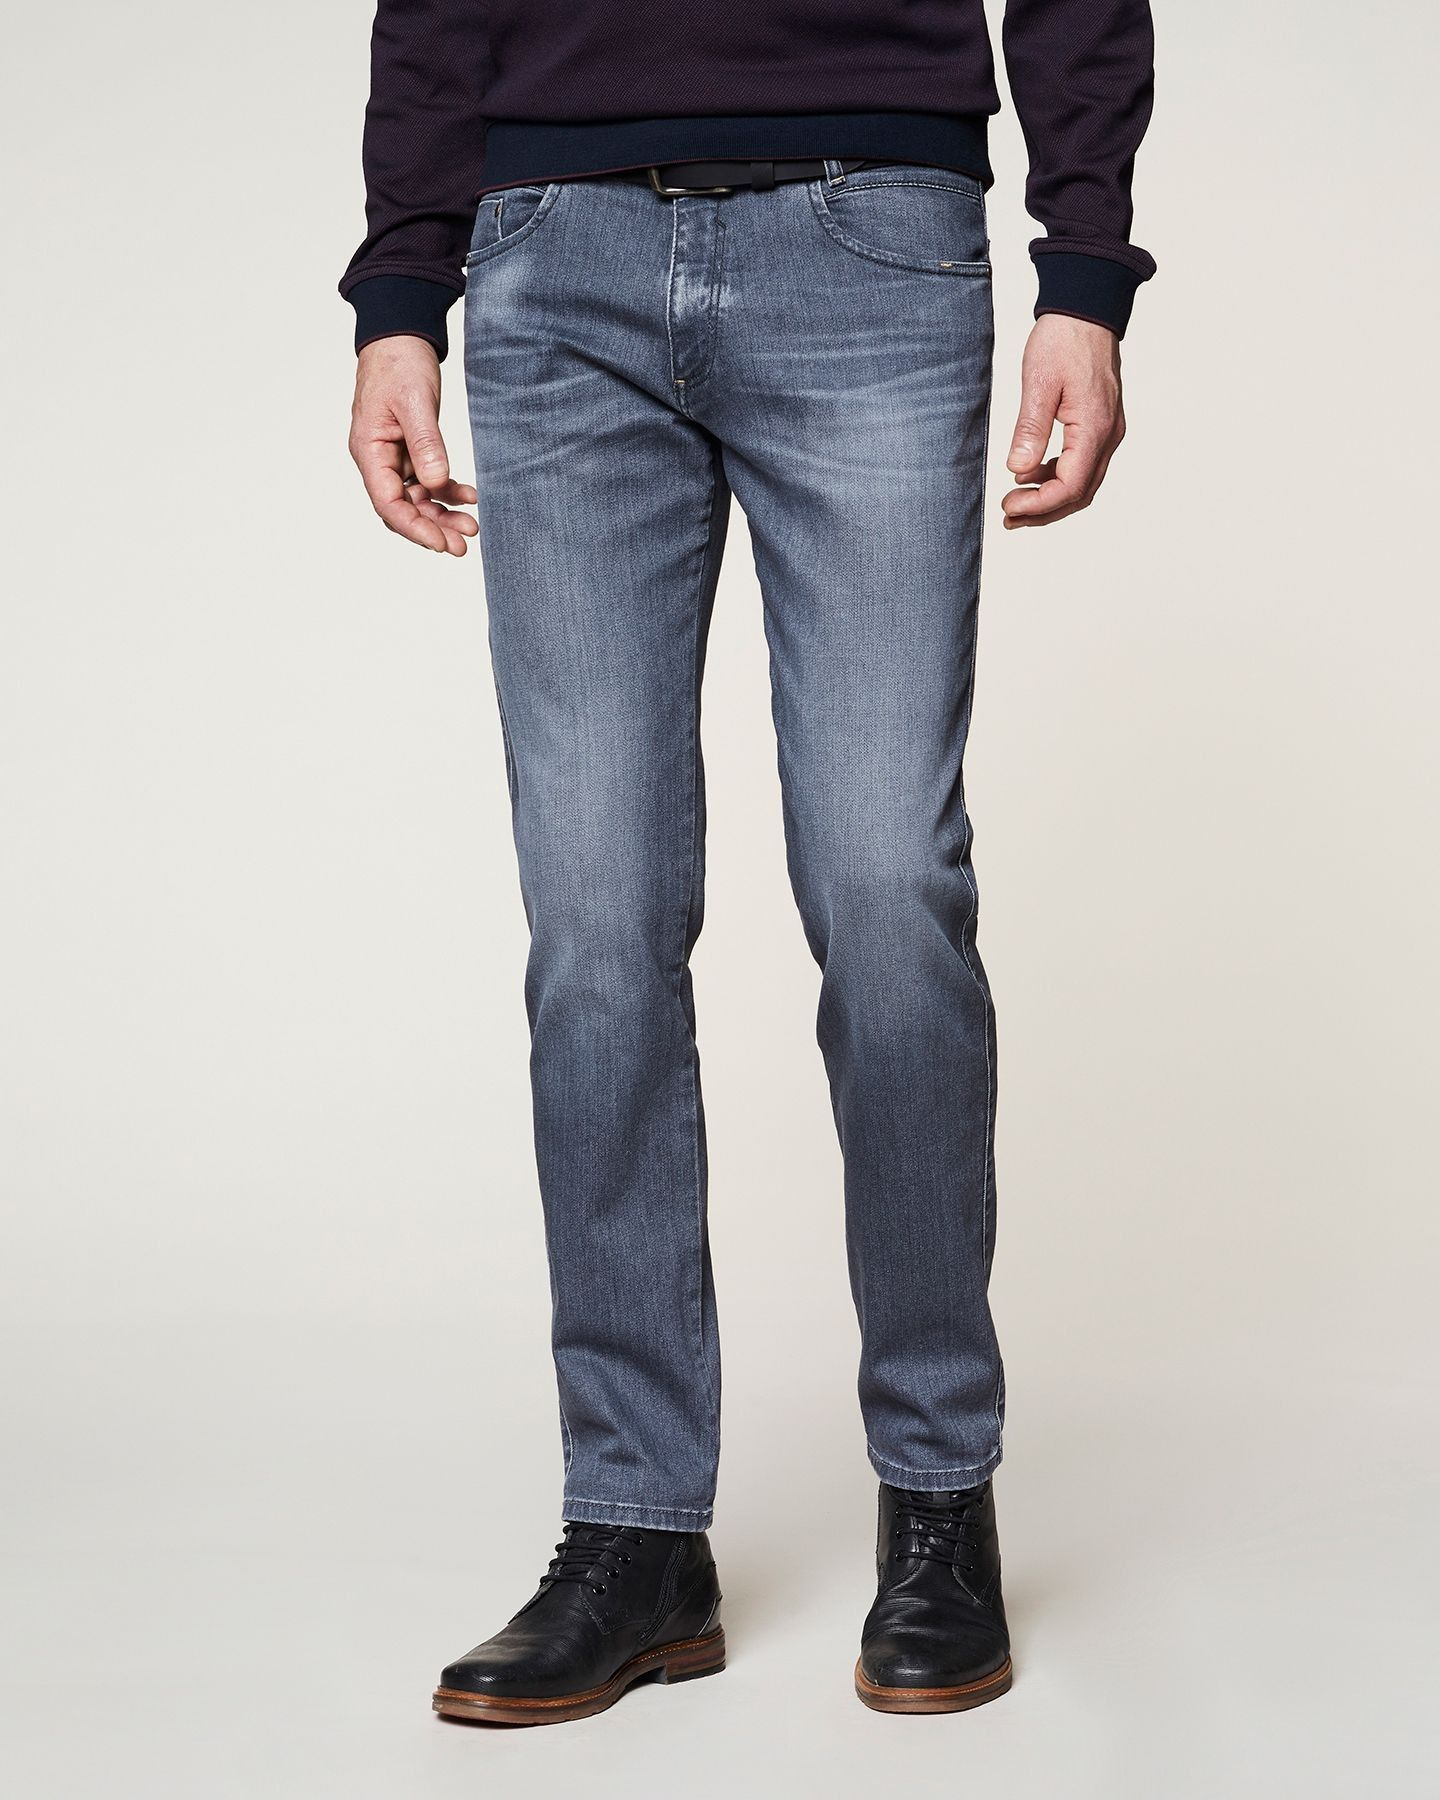 Bugatti - Herren Jeans in verschiedenen Farben - Modern Fit (Art. Nr.:3269D-16670) – Bild 11